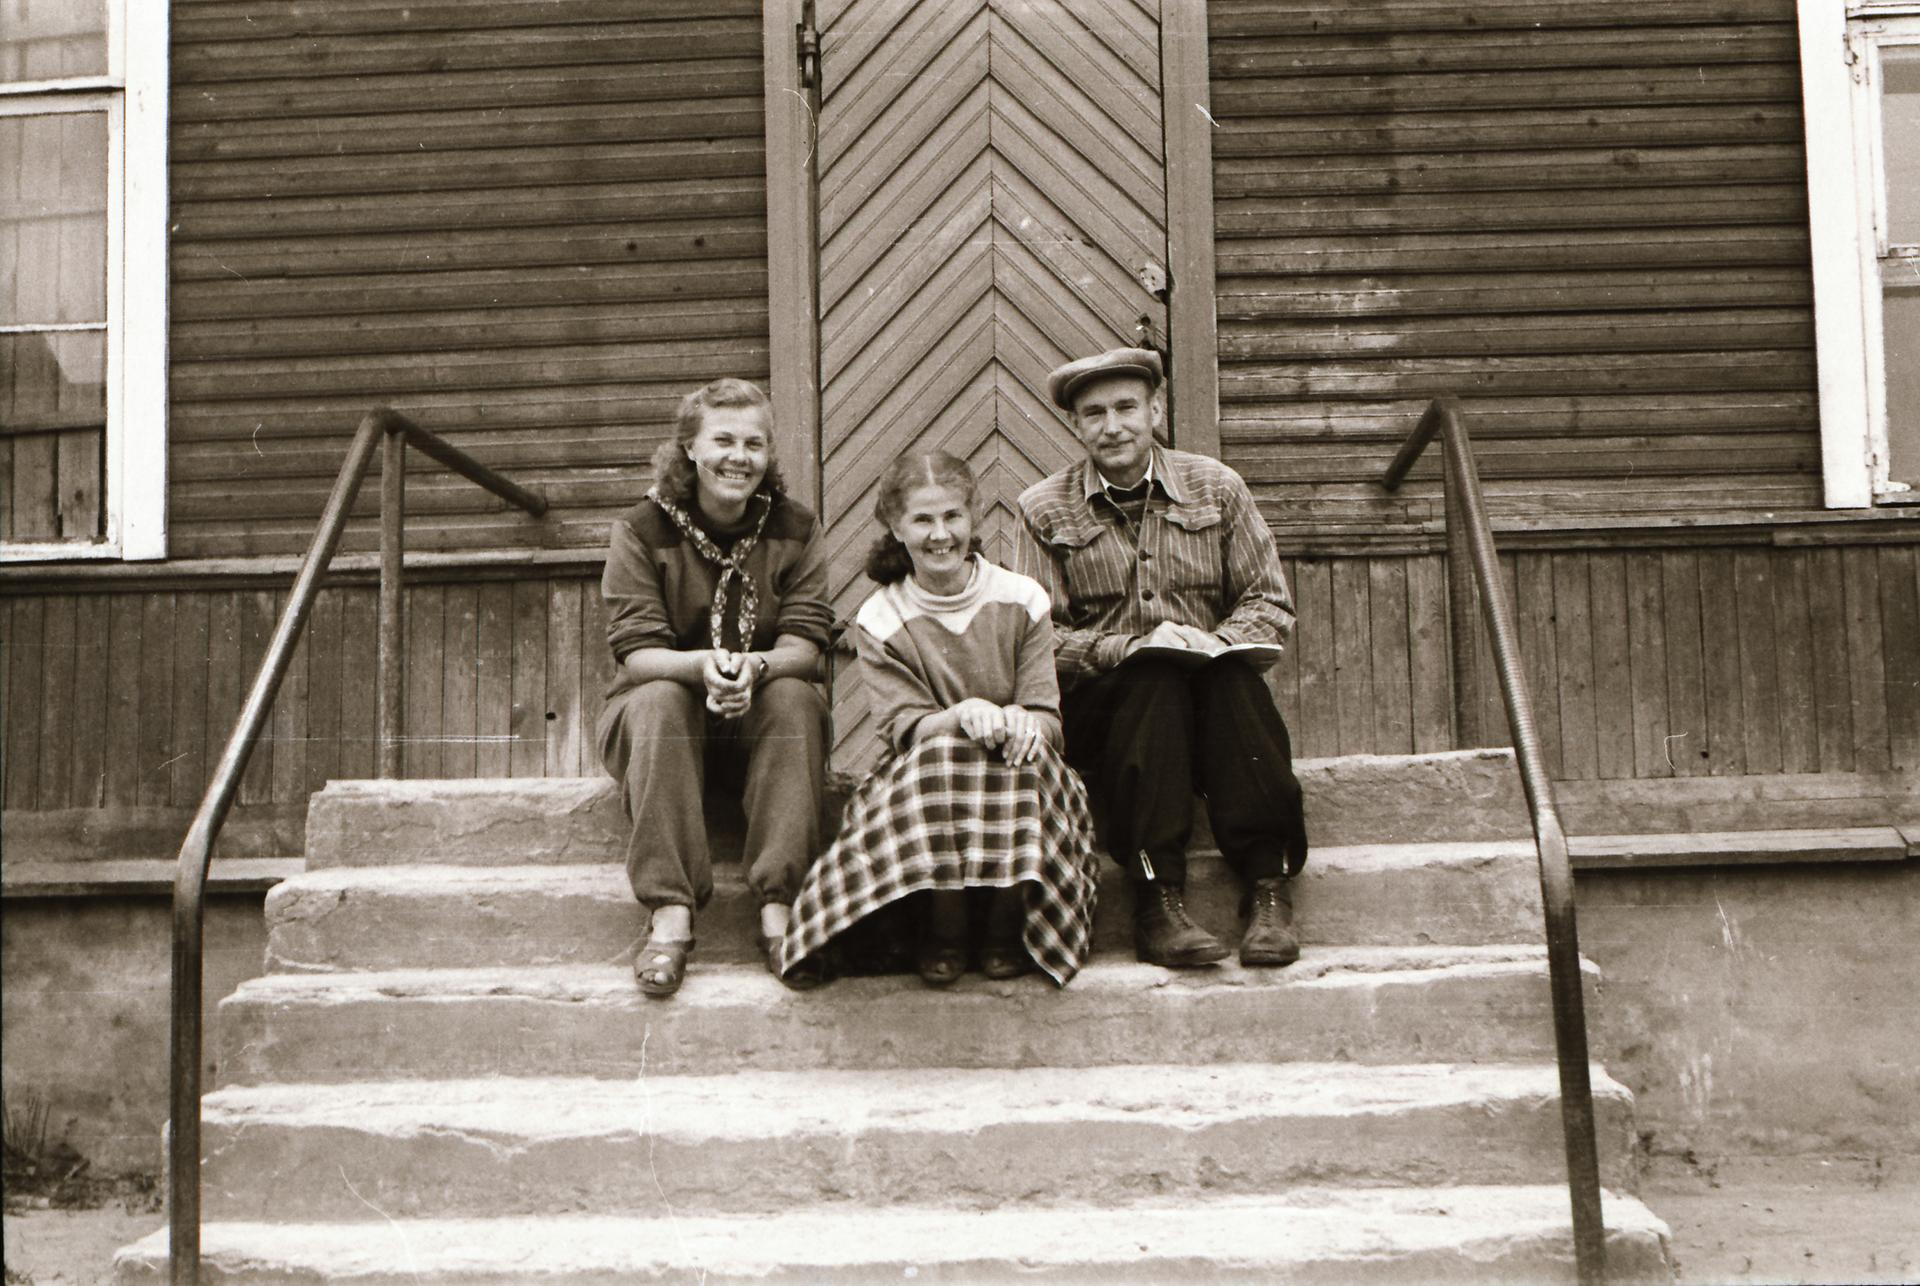 20006ee2b37 Käsikirjapiltide ja tekstistustena on avaldatud päevikud 1960. aastate  lõpuni, hilisematega saab tutvuda Eesti Rahvaluule Arhiivis kohapeal.